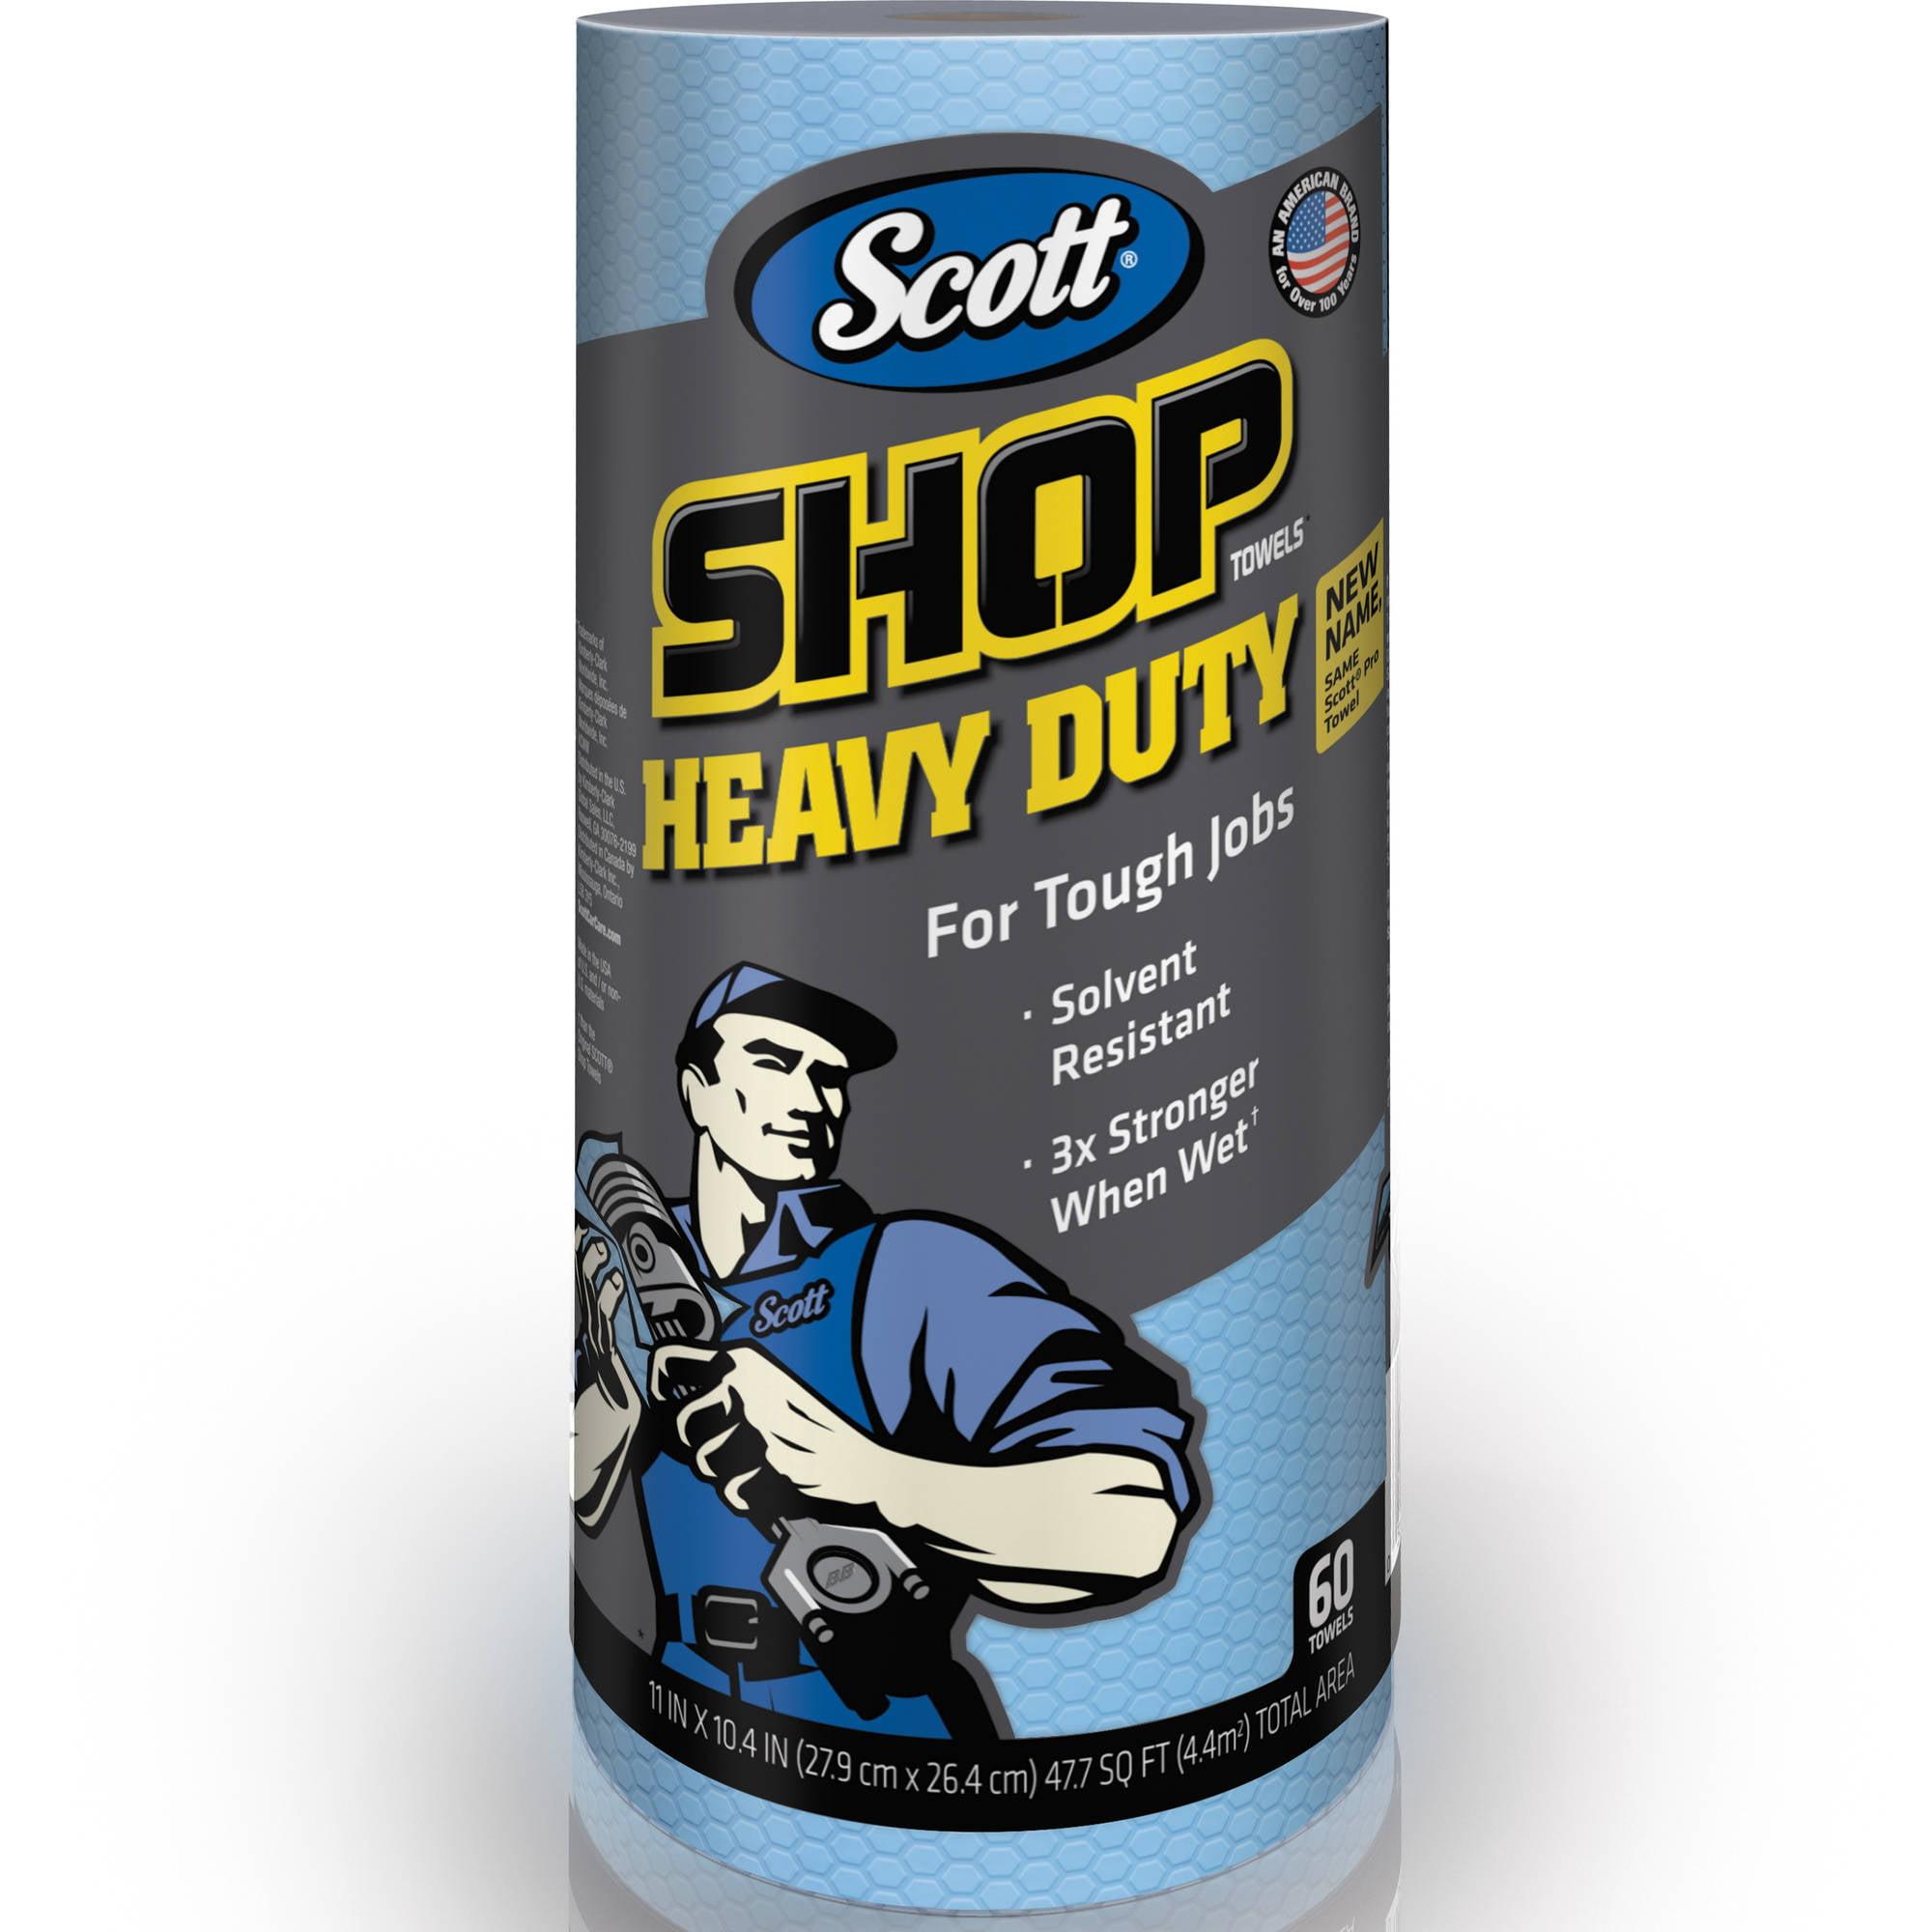 Scott Heavy Duty Towel